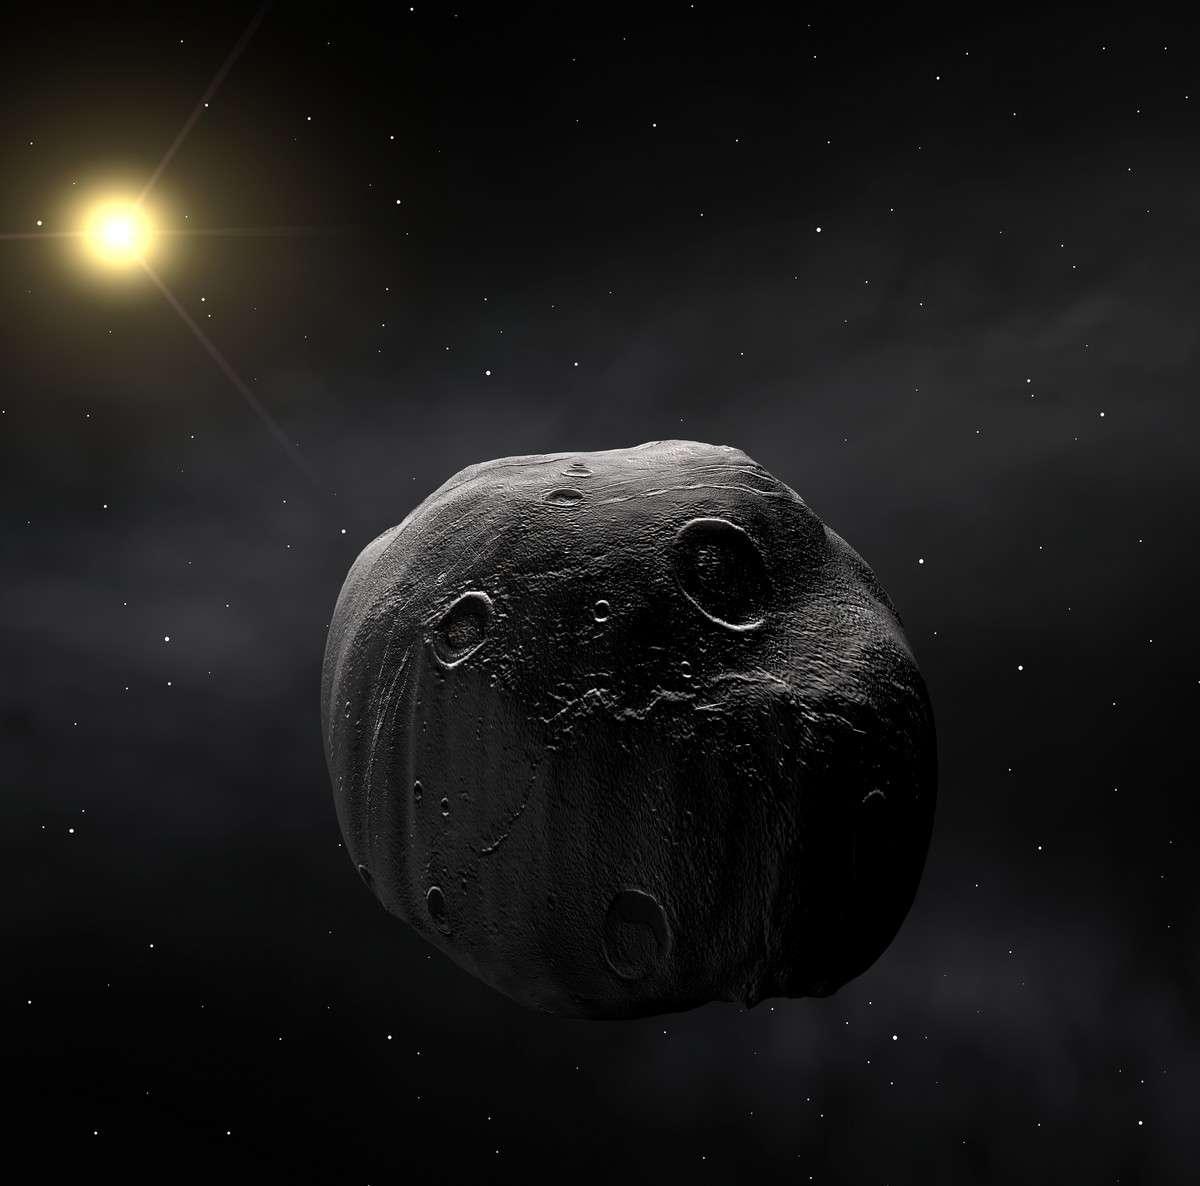 Dans la nuit du 8 au 9 juillet, l'astéroïde 472 Roma occultera pendant quelques secondes la brillante étoile Delta Ophiuchi grâce à un alignement fortuit avec la Terre. Cette vision d'artiste permet d'imaginer ce que verrait une sonde spatiale circulant dans la ceinture d'astéroïdes. Crédit Eso